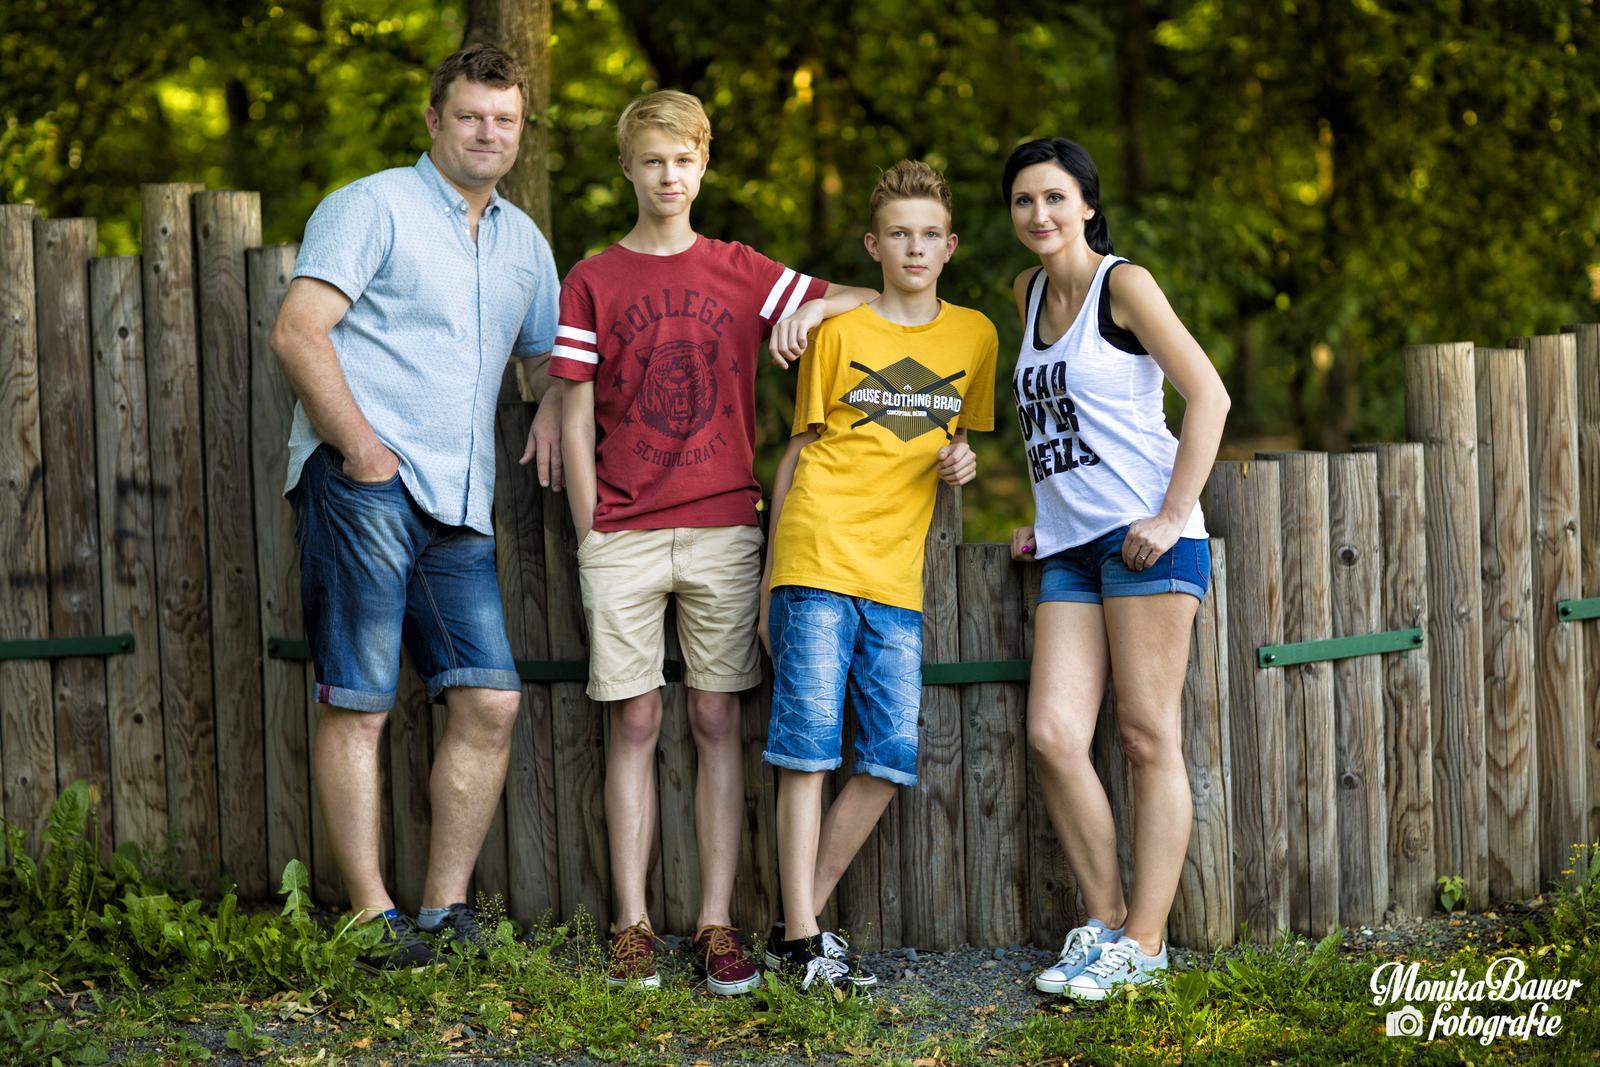 Předsvatební focení - Barča, Pavel, Jirka a Filip - Obrázek č. 5